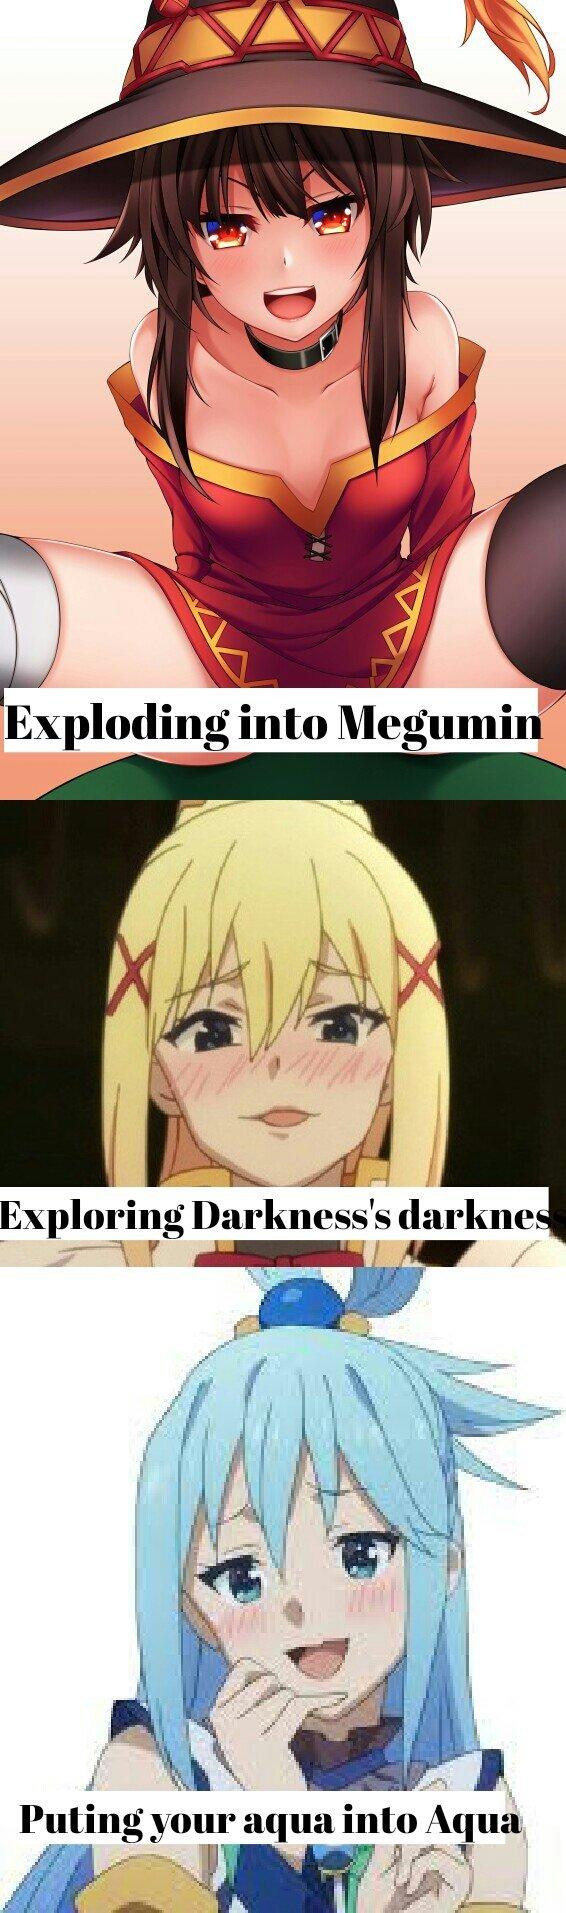 Megumin best girl - meme